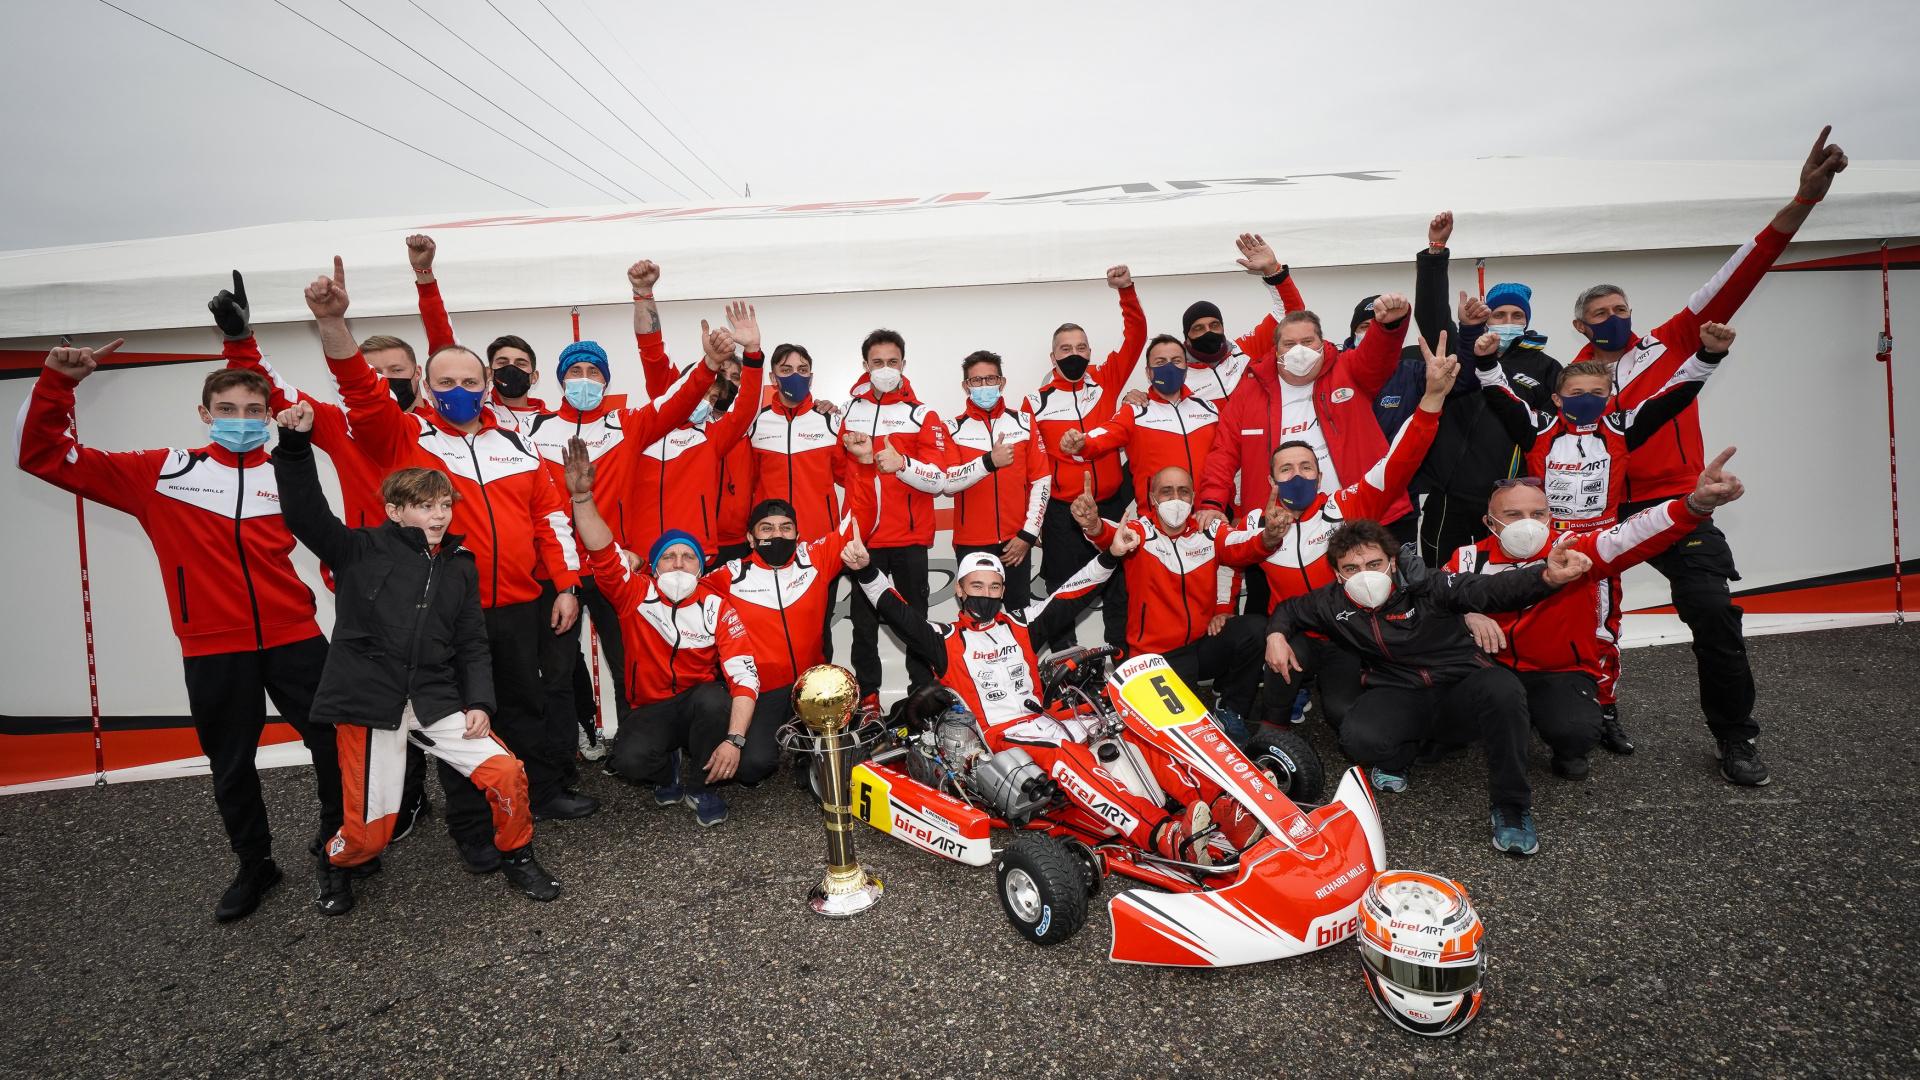 Nuova vittoria KZ2 e un eccellente livello di performance a Lonato.